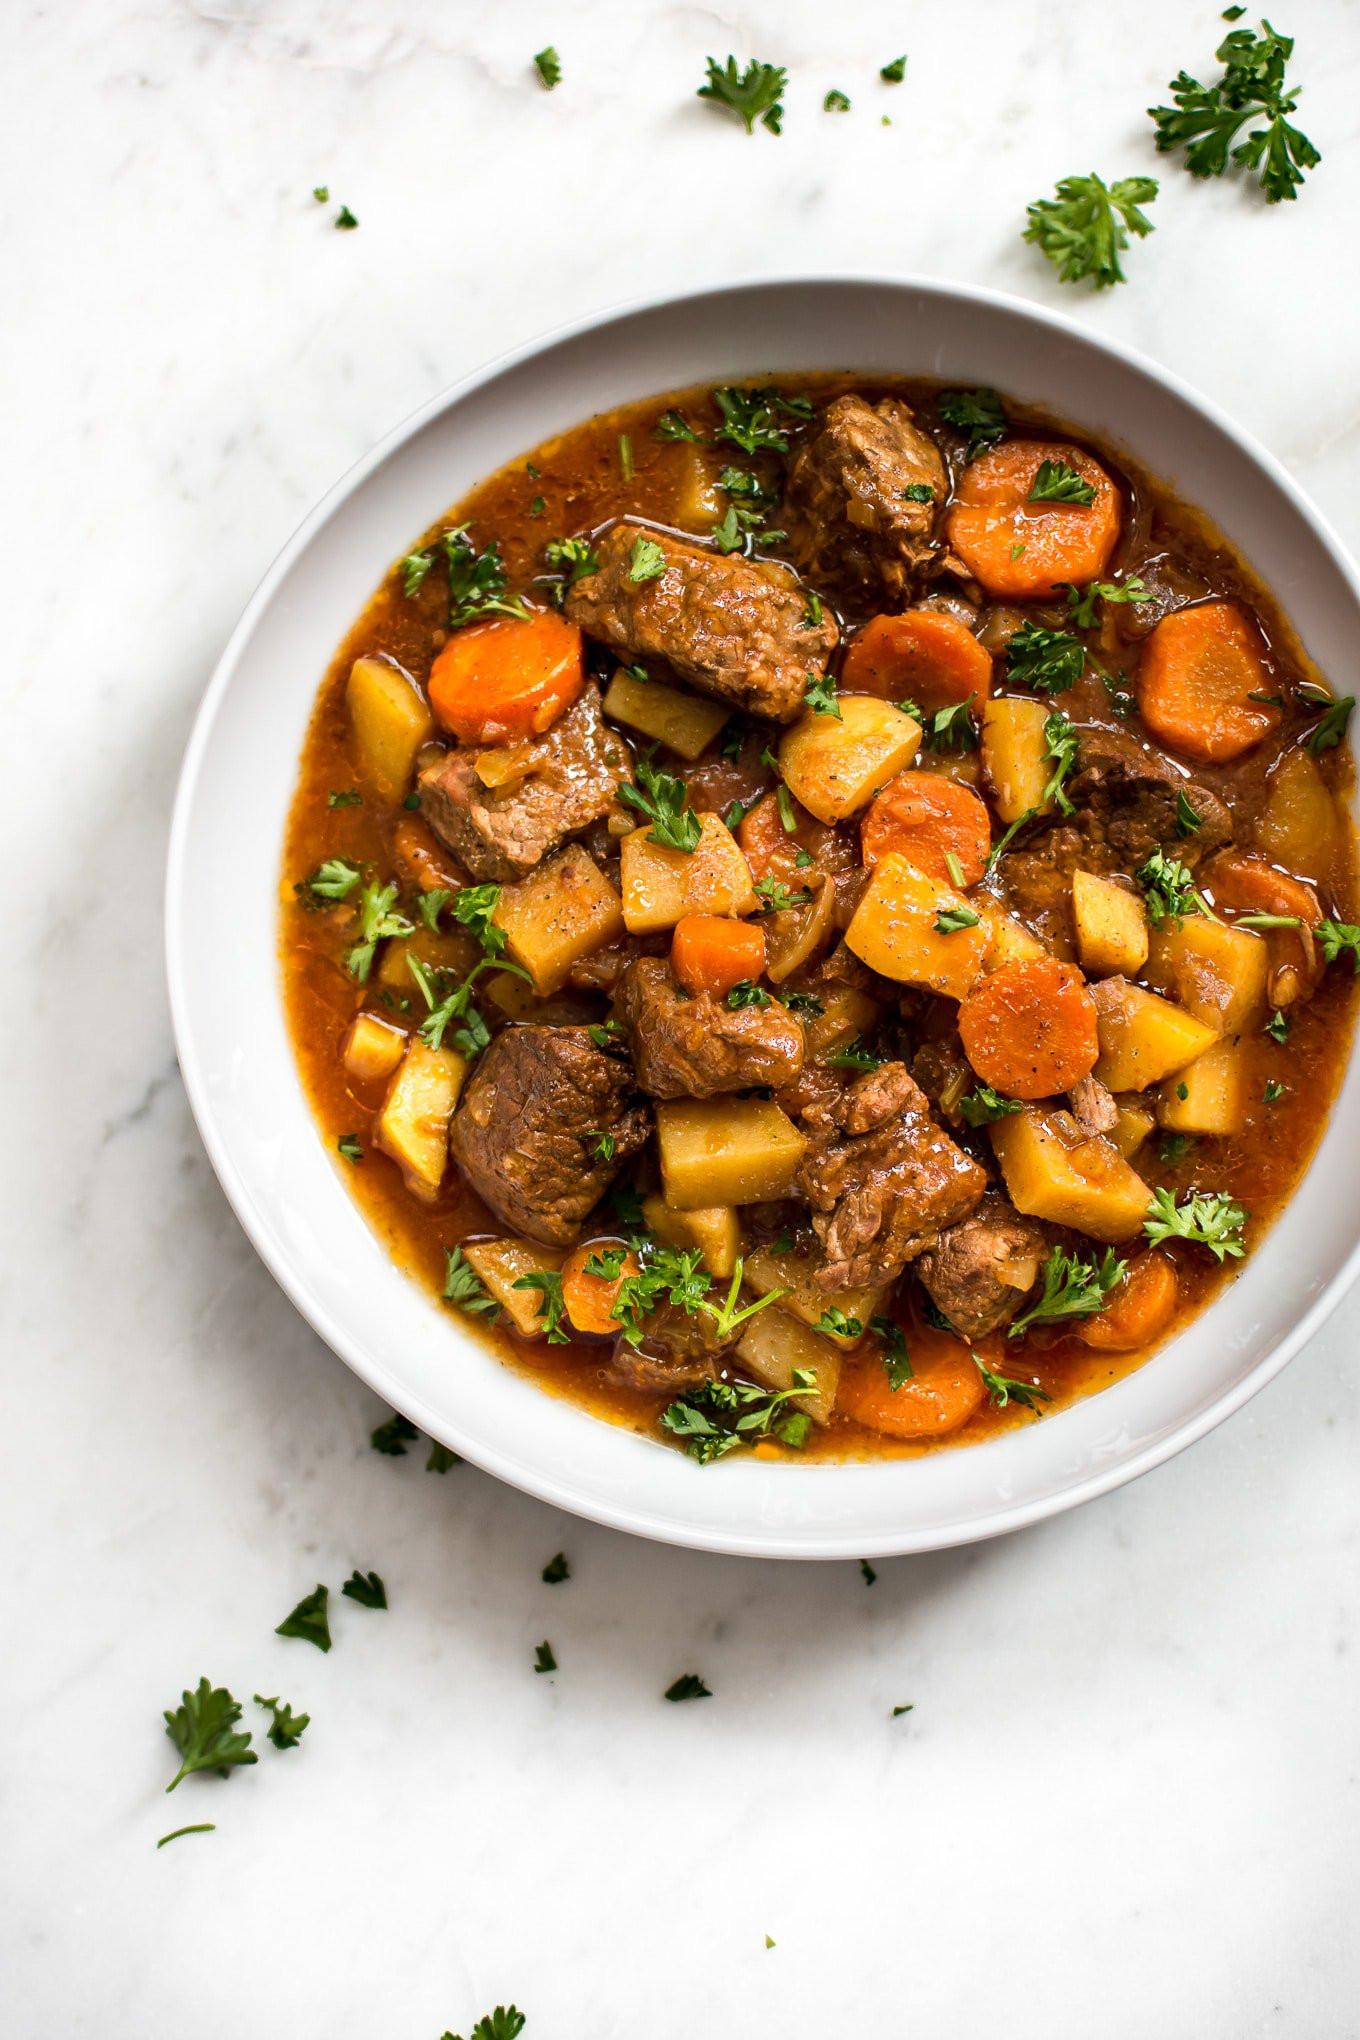 Beef Stew In Crockpot  Crockpot Beef Stew Recipe • Salt & Lavender